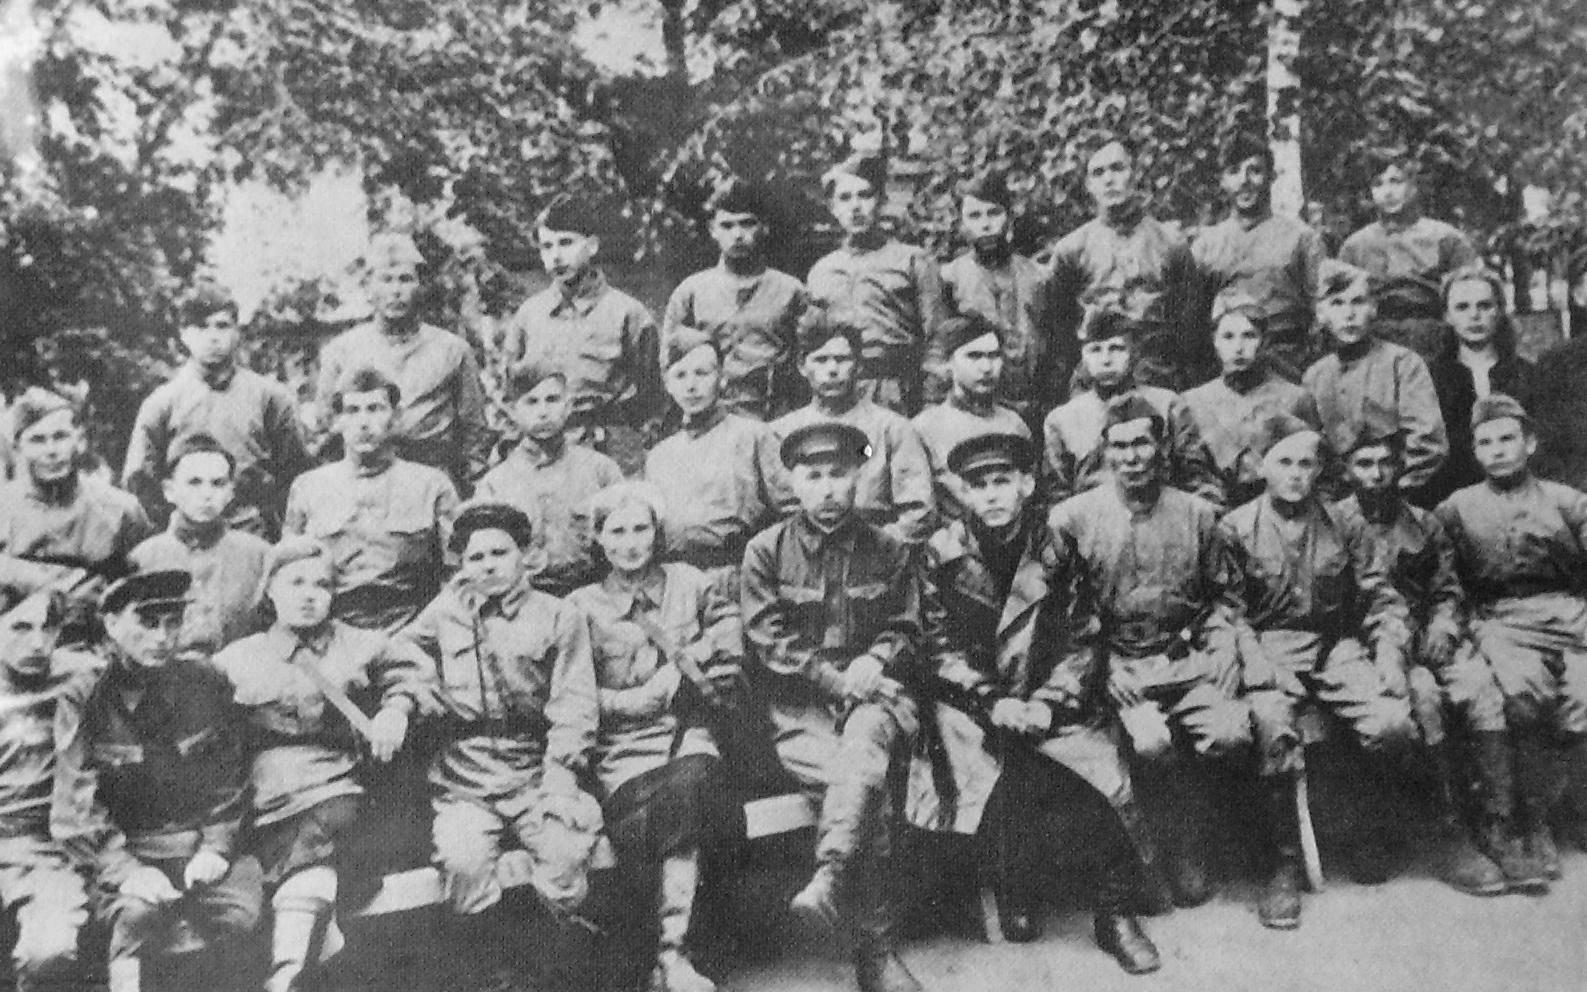 Партизанский отряд перед отправкой в Ленинградскую область. 1943 г. ВОВ.